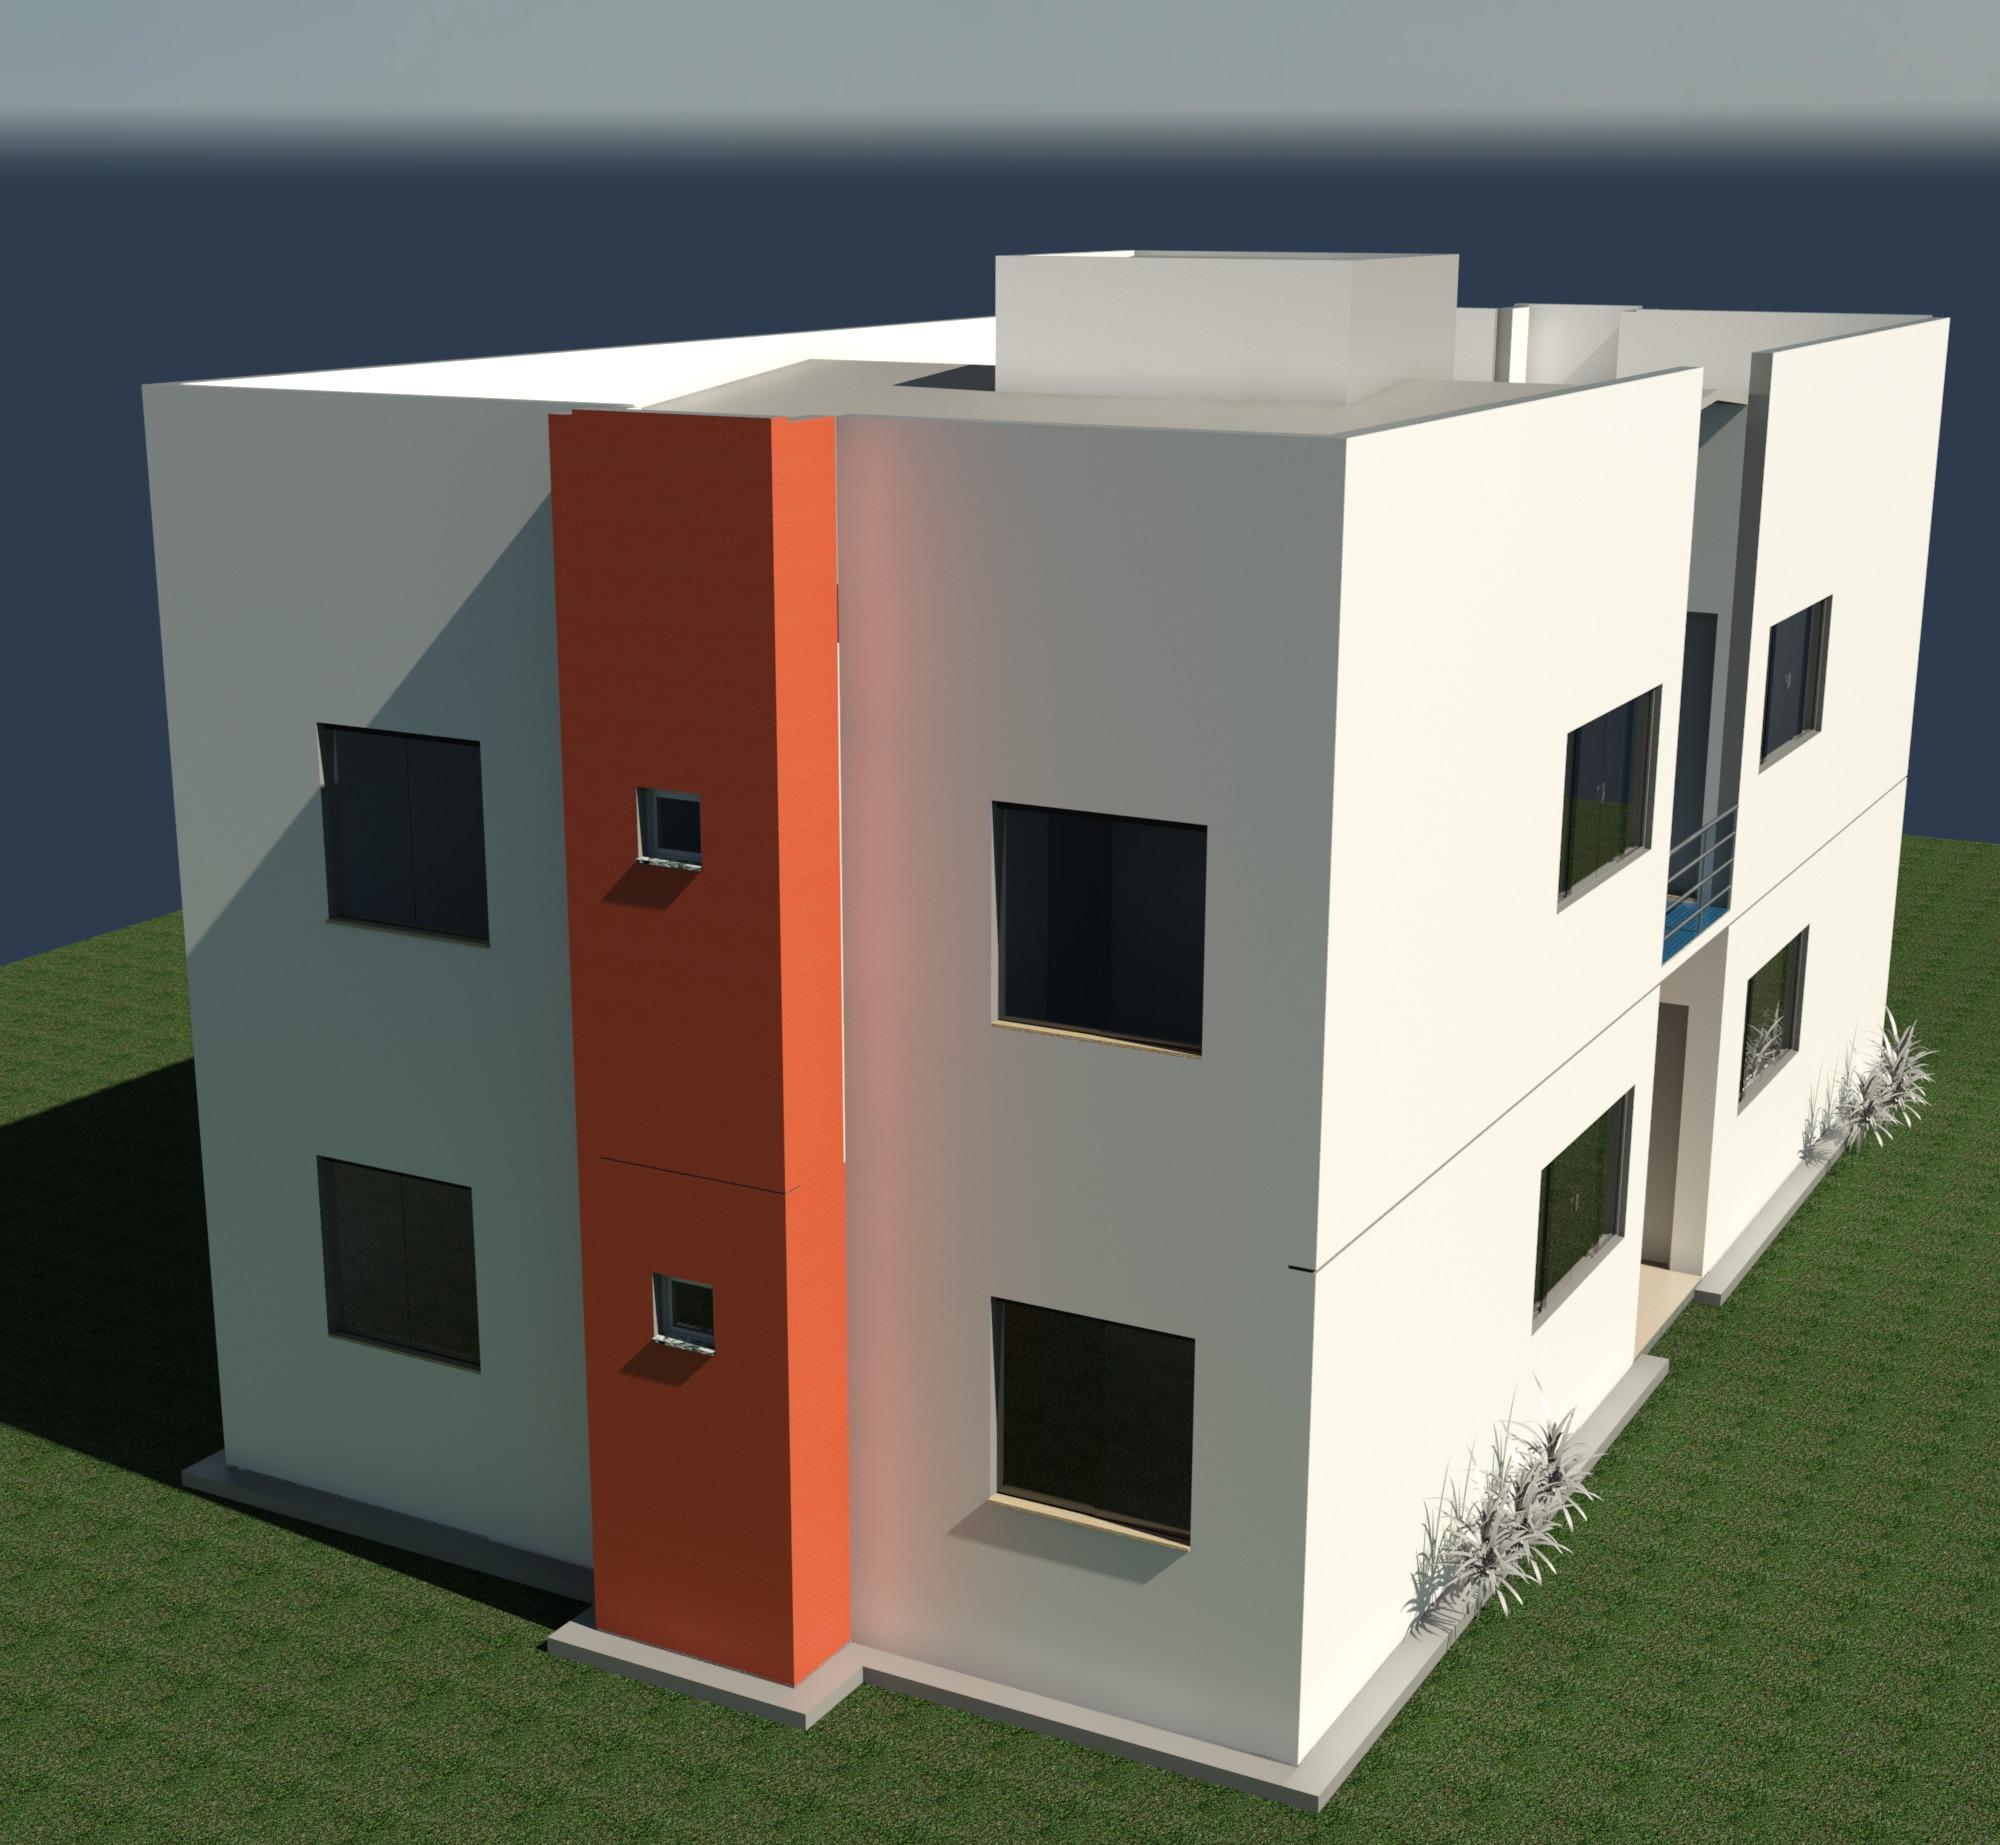 Raas-rendering20140910-2599-rzdcyn